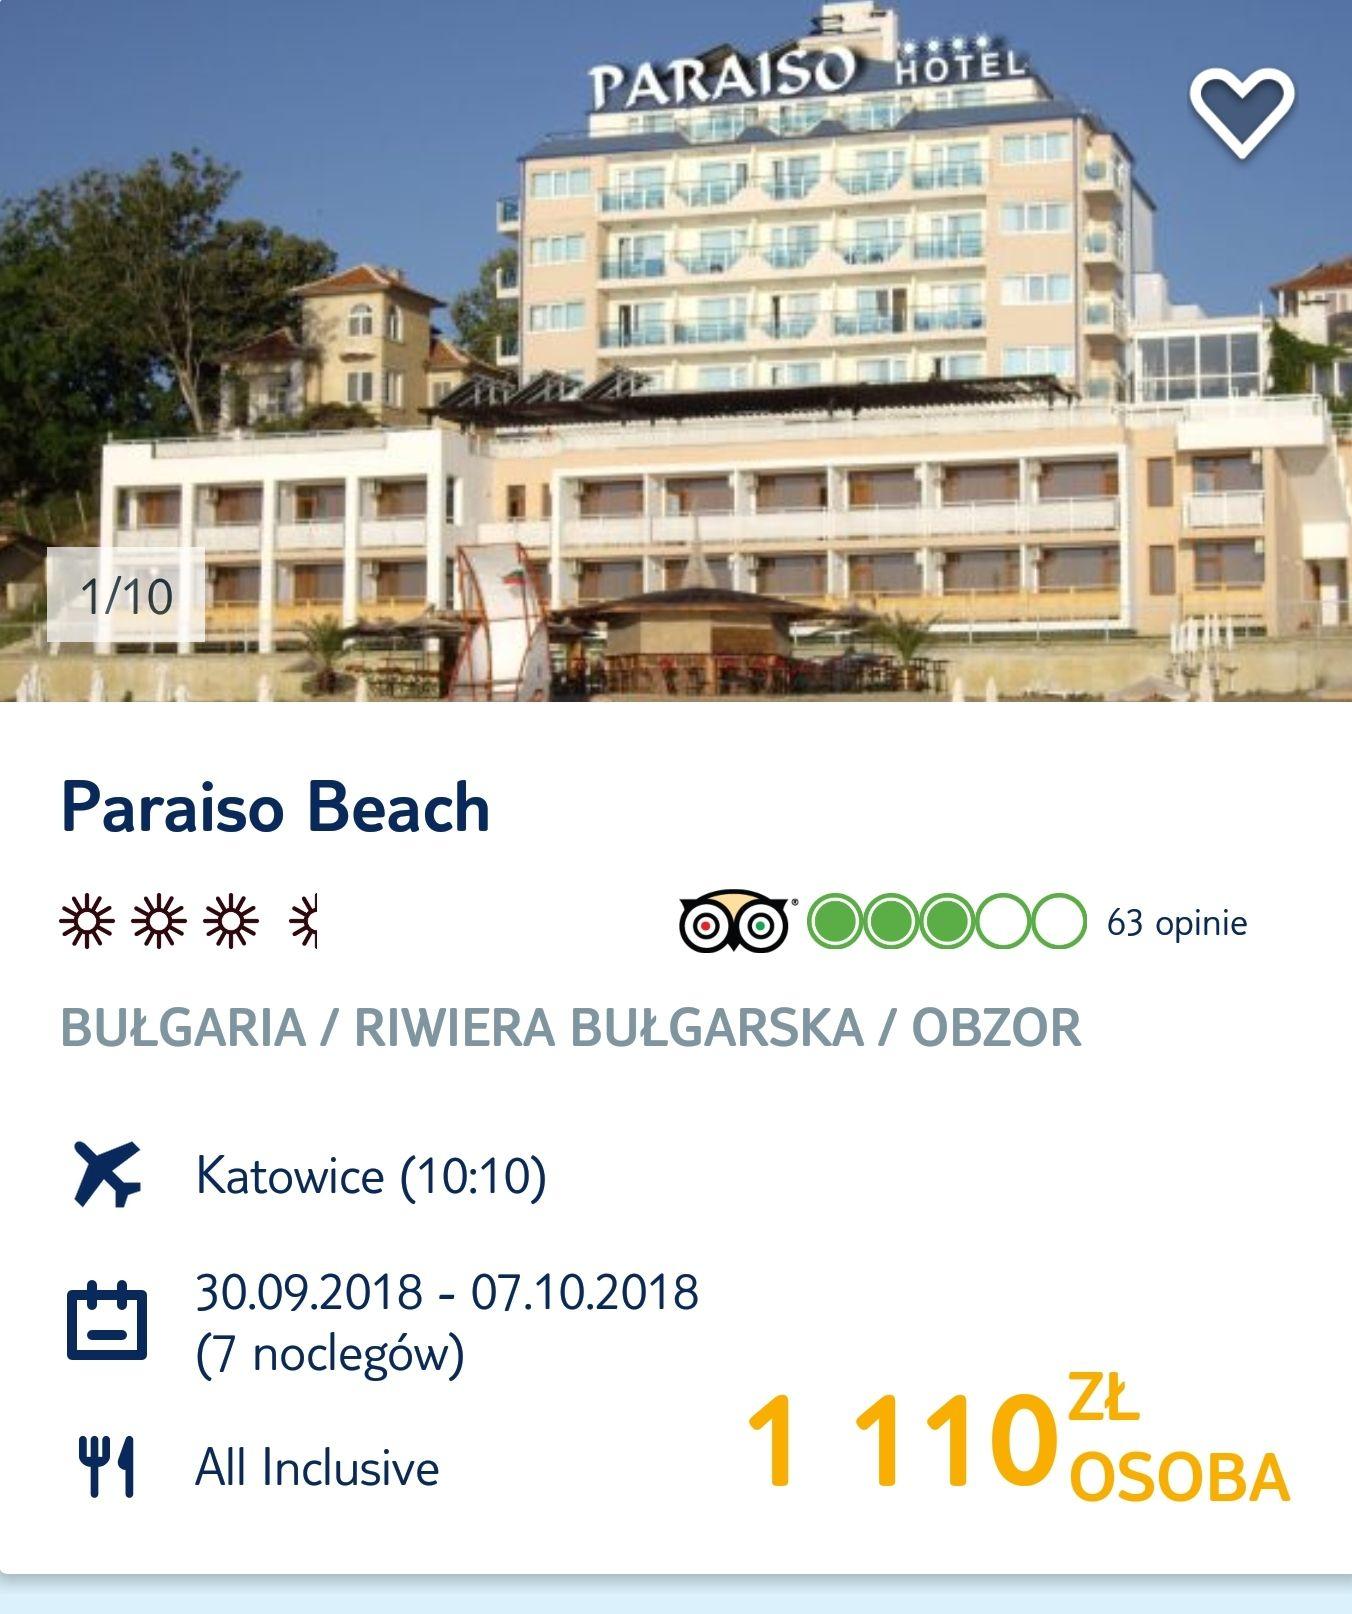 Wakacje w Bułgarii poza sezonem